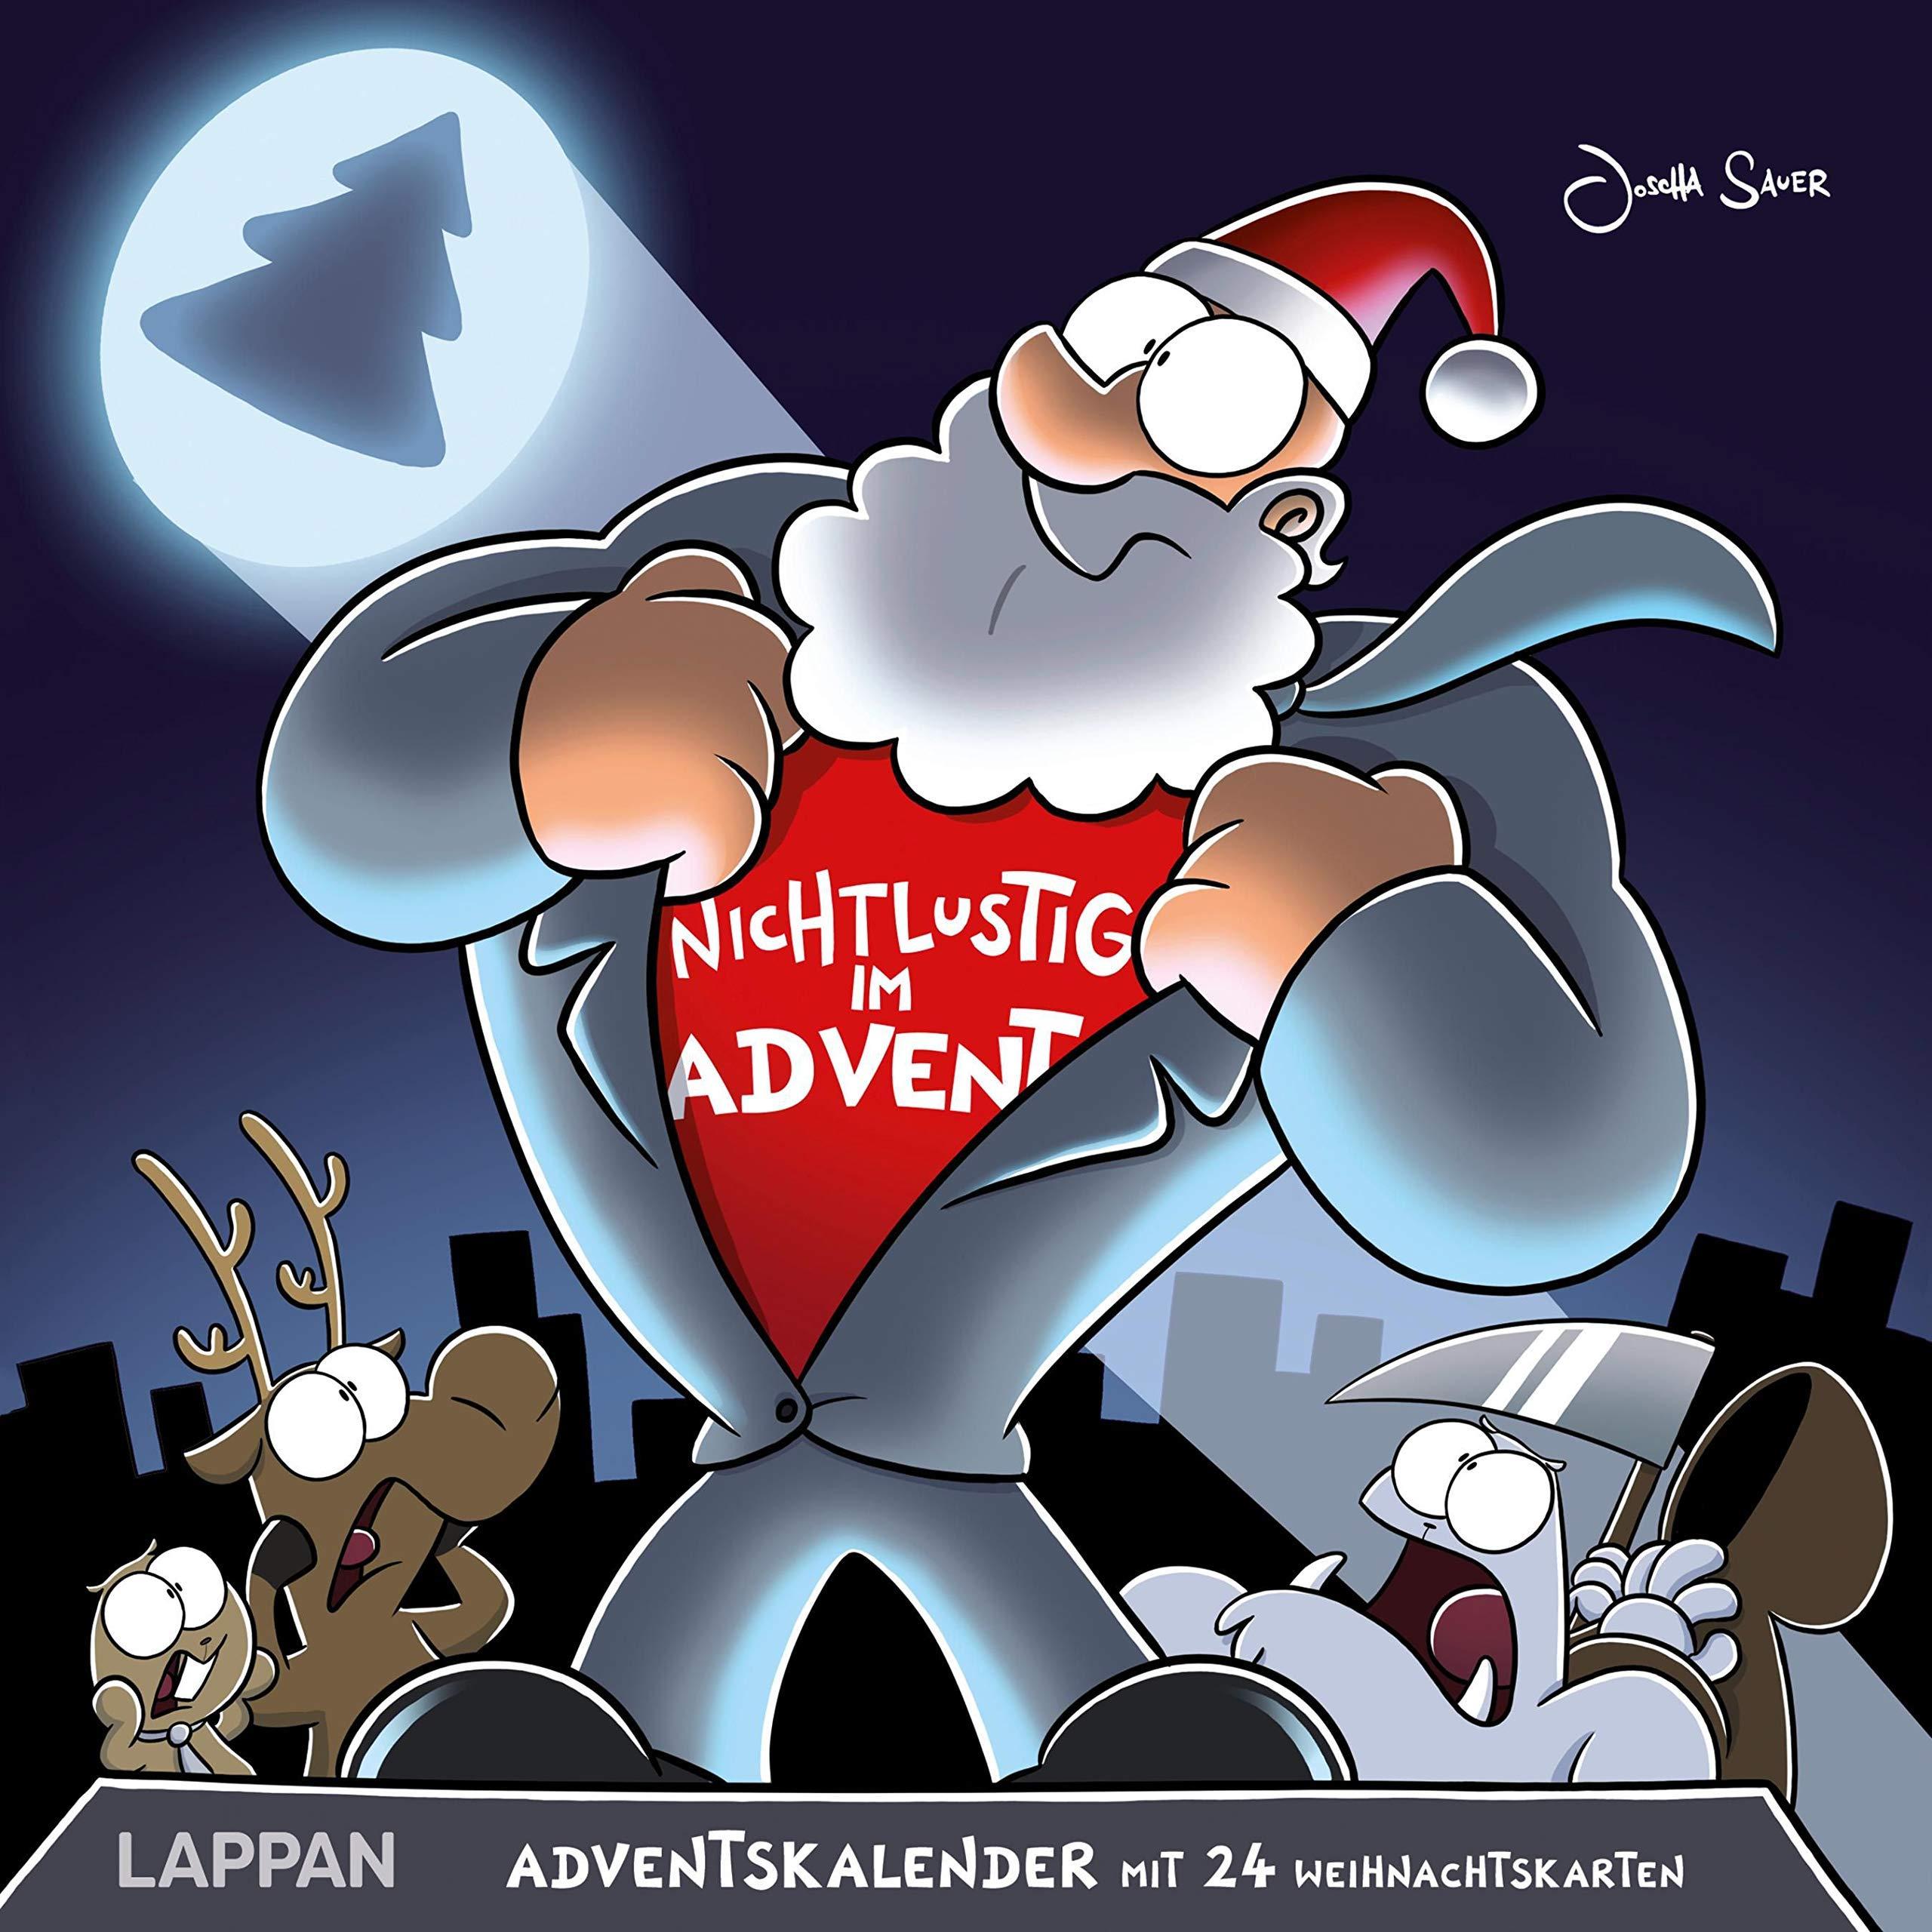 Nichtlustig im Advent: 24 Cartoon-Weihnachtskarten! Kalender – 27. Juli 2018 Joscha Sauer Lappan 3830377037 HUMOR / General